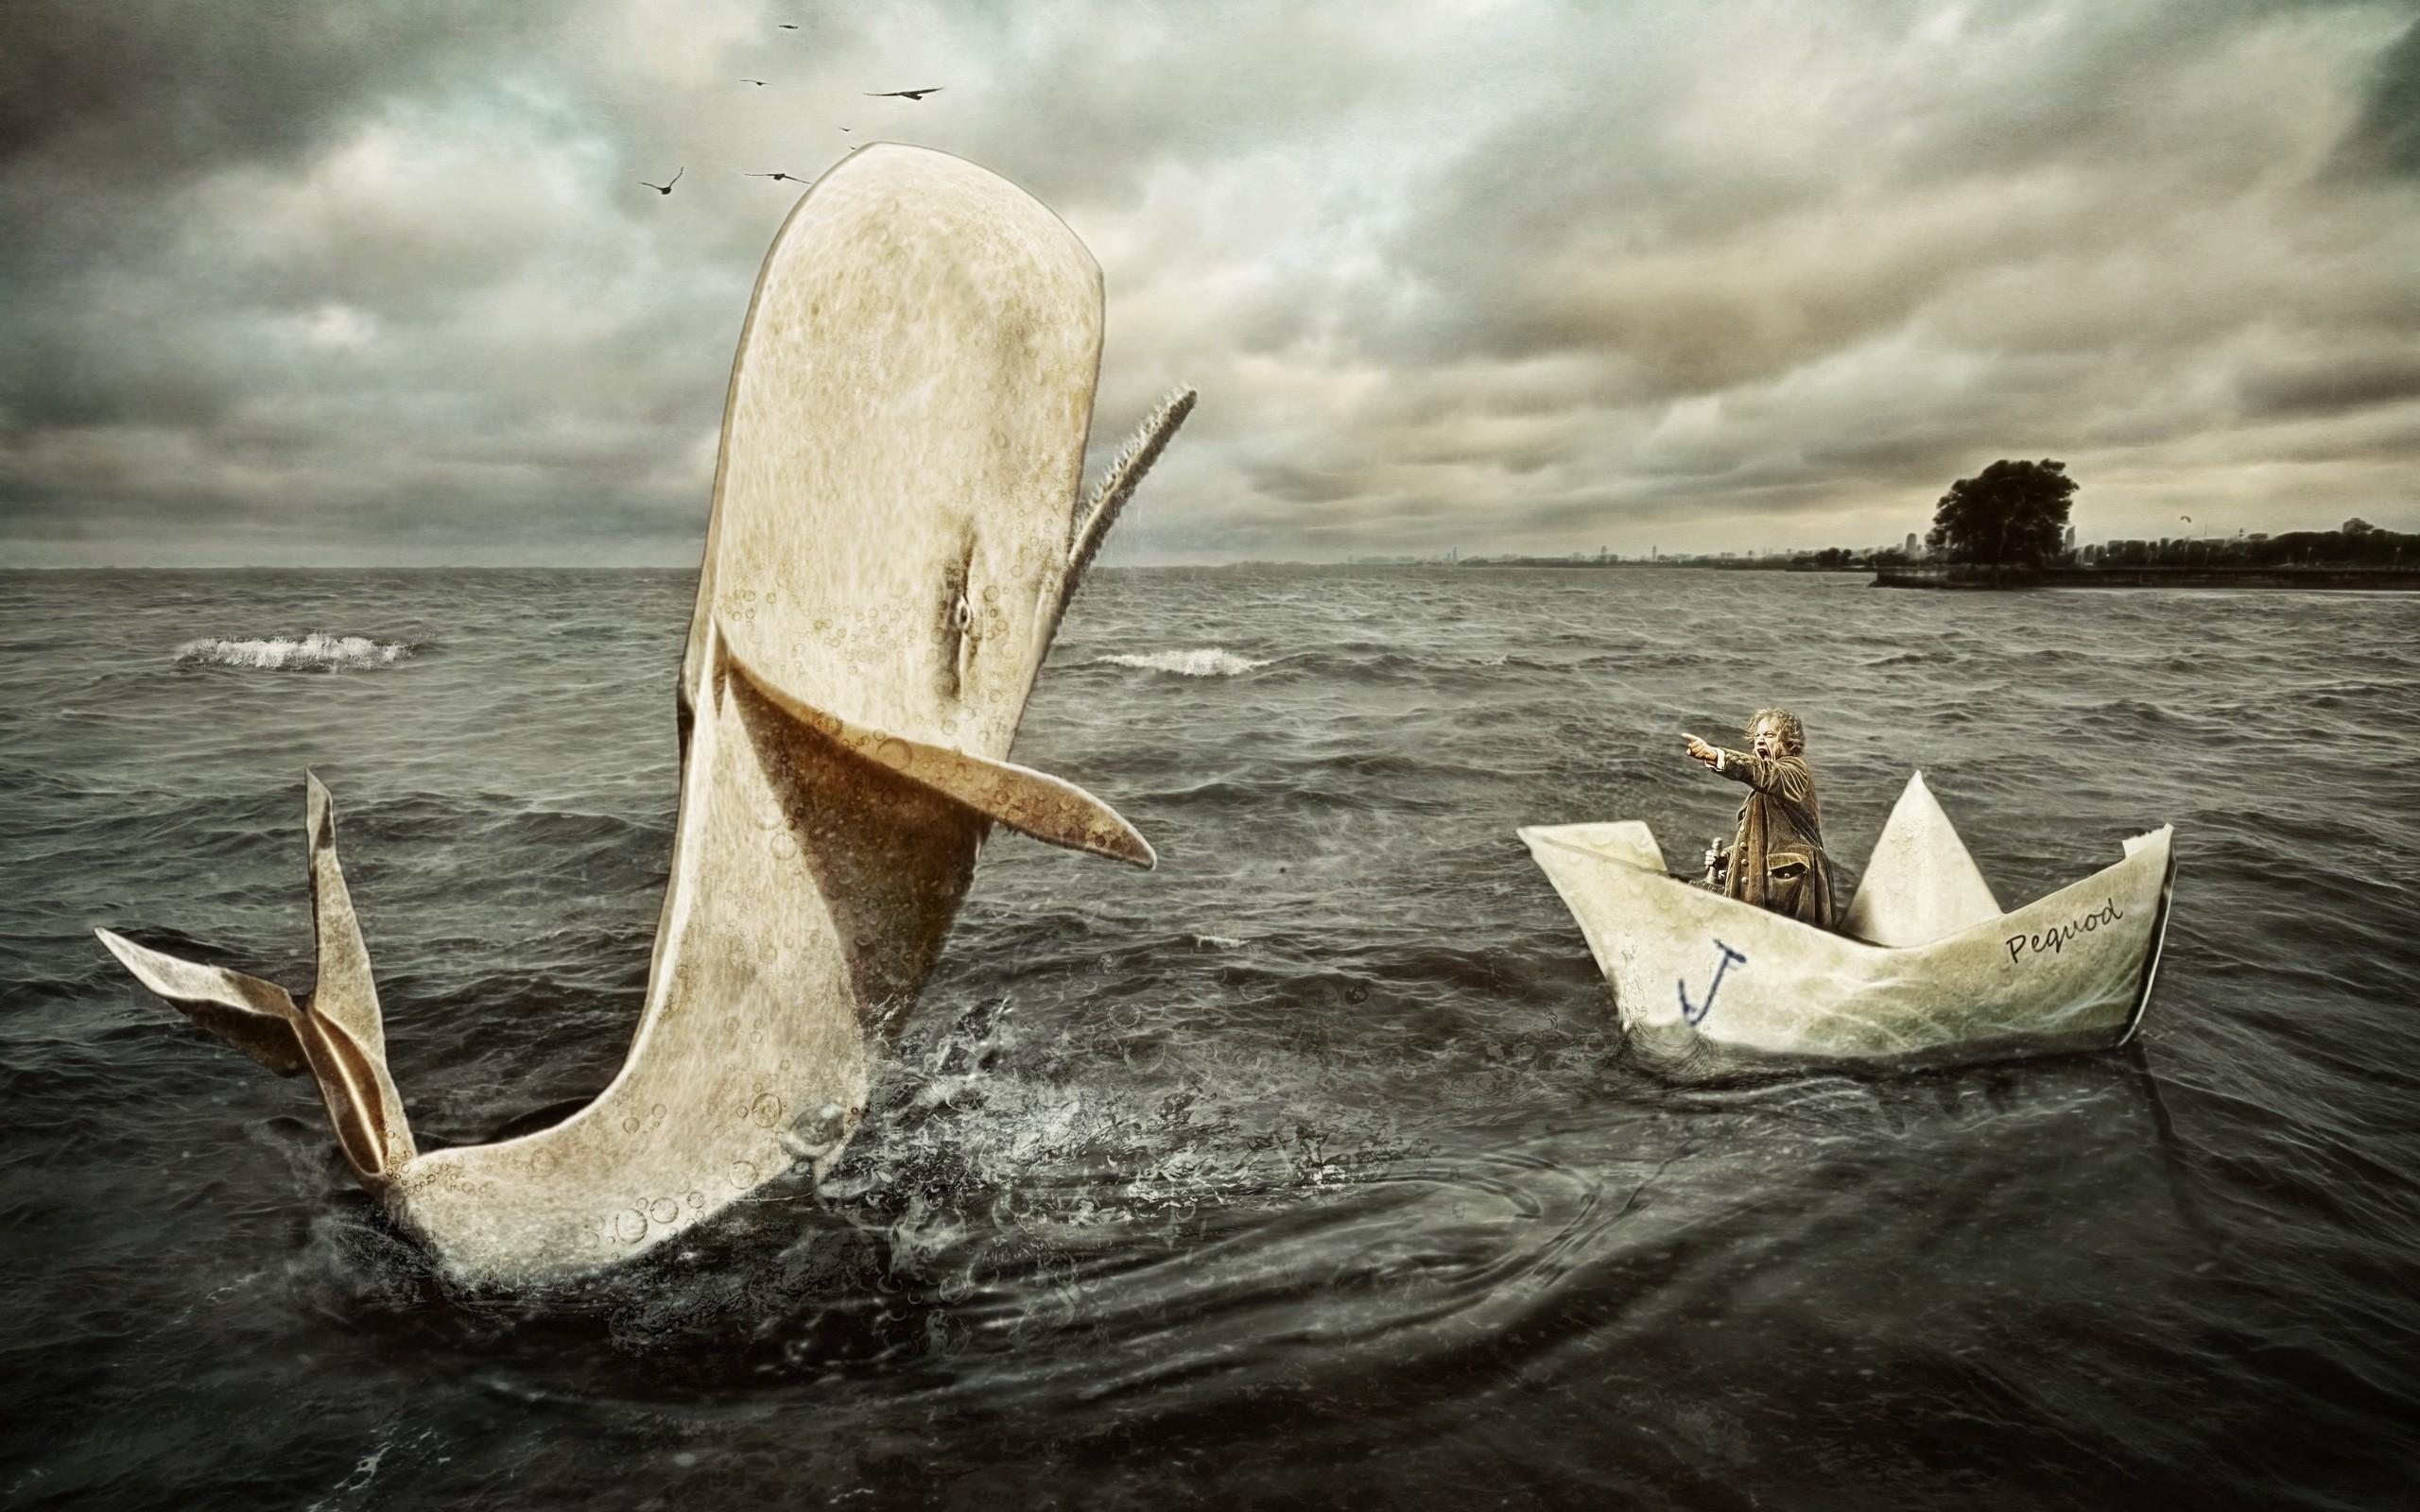 большие киты целуют твою лодку